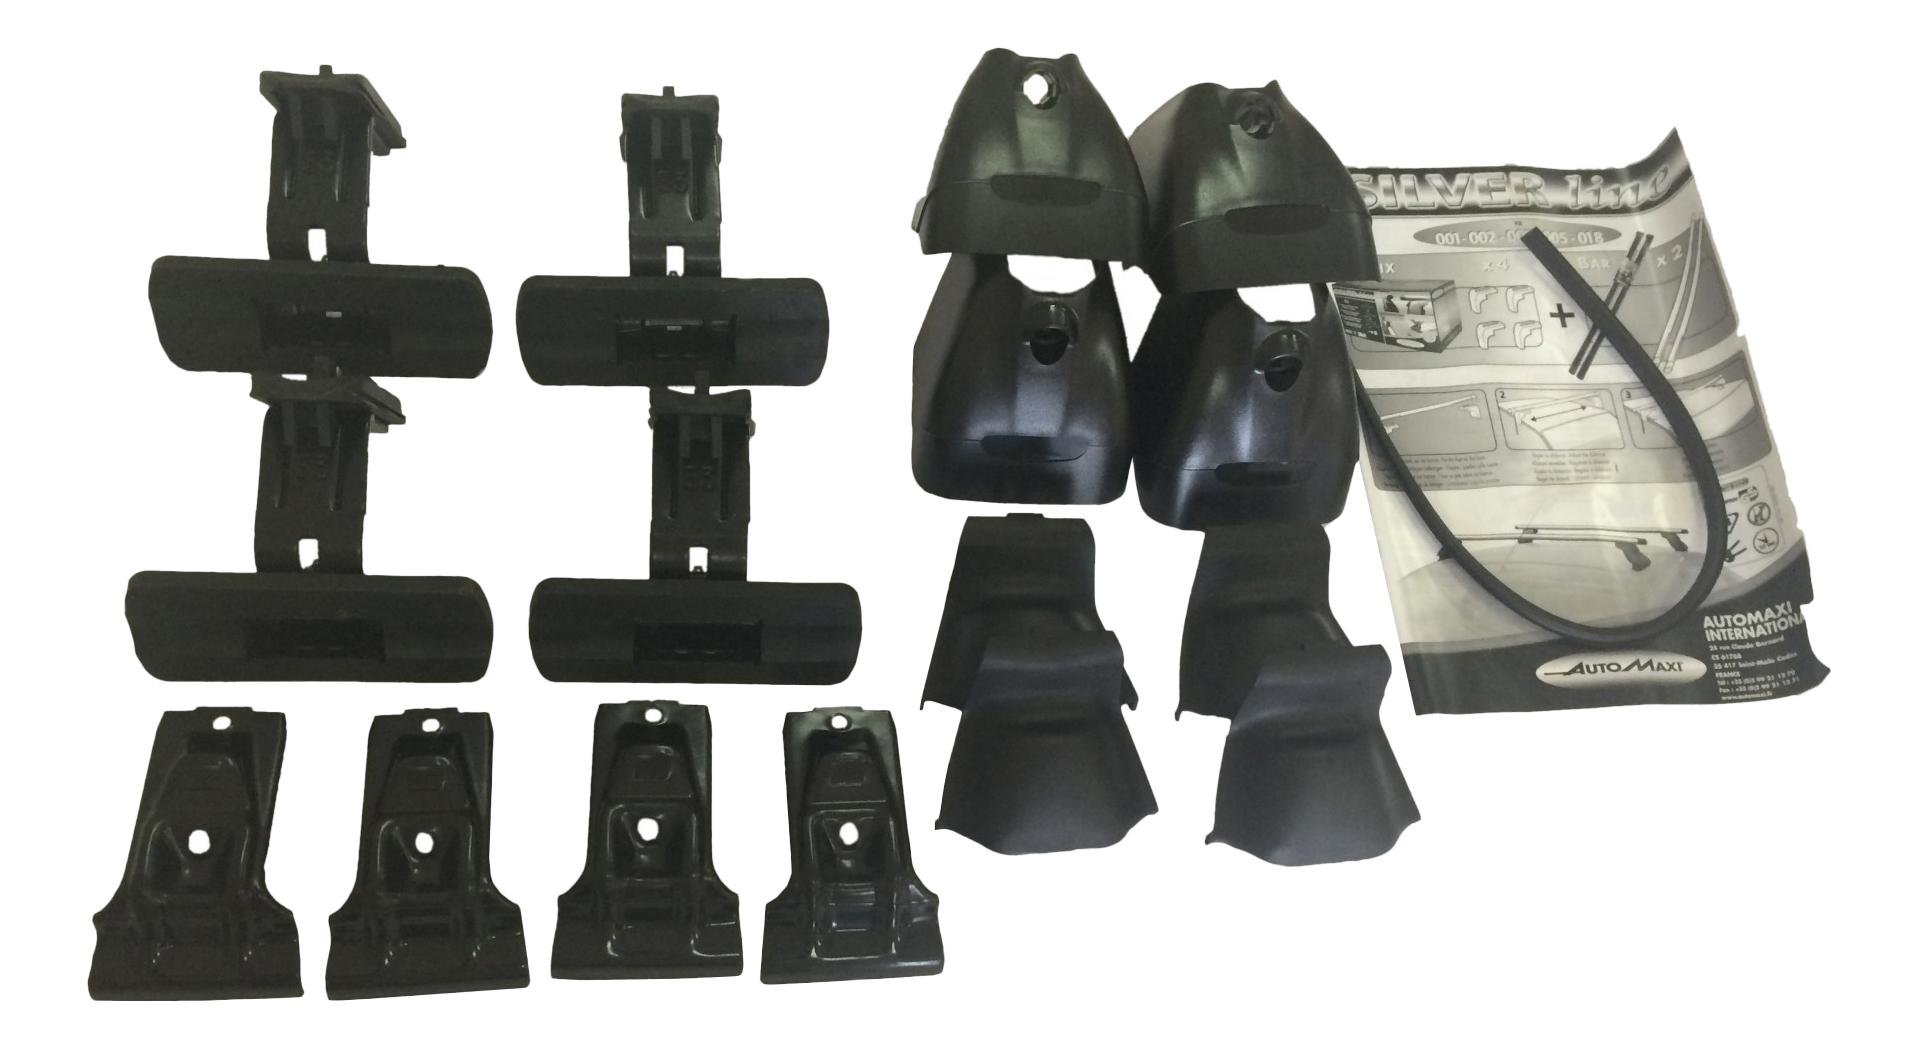 Установочный комплект для автобагажника AutoMaxi SILVERLINE Ford AX 244118